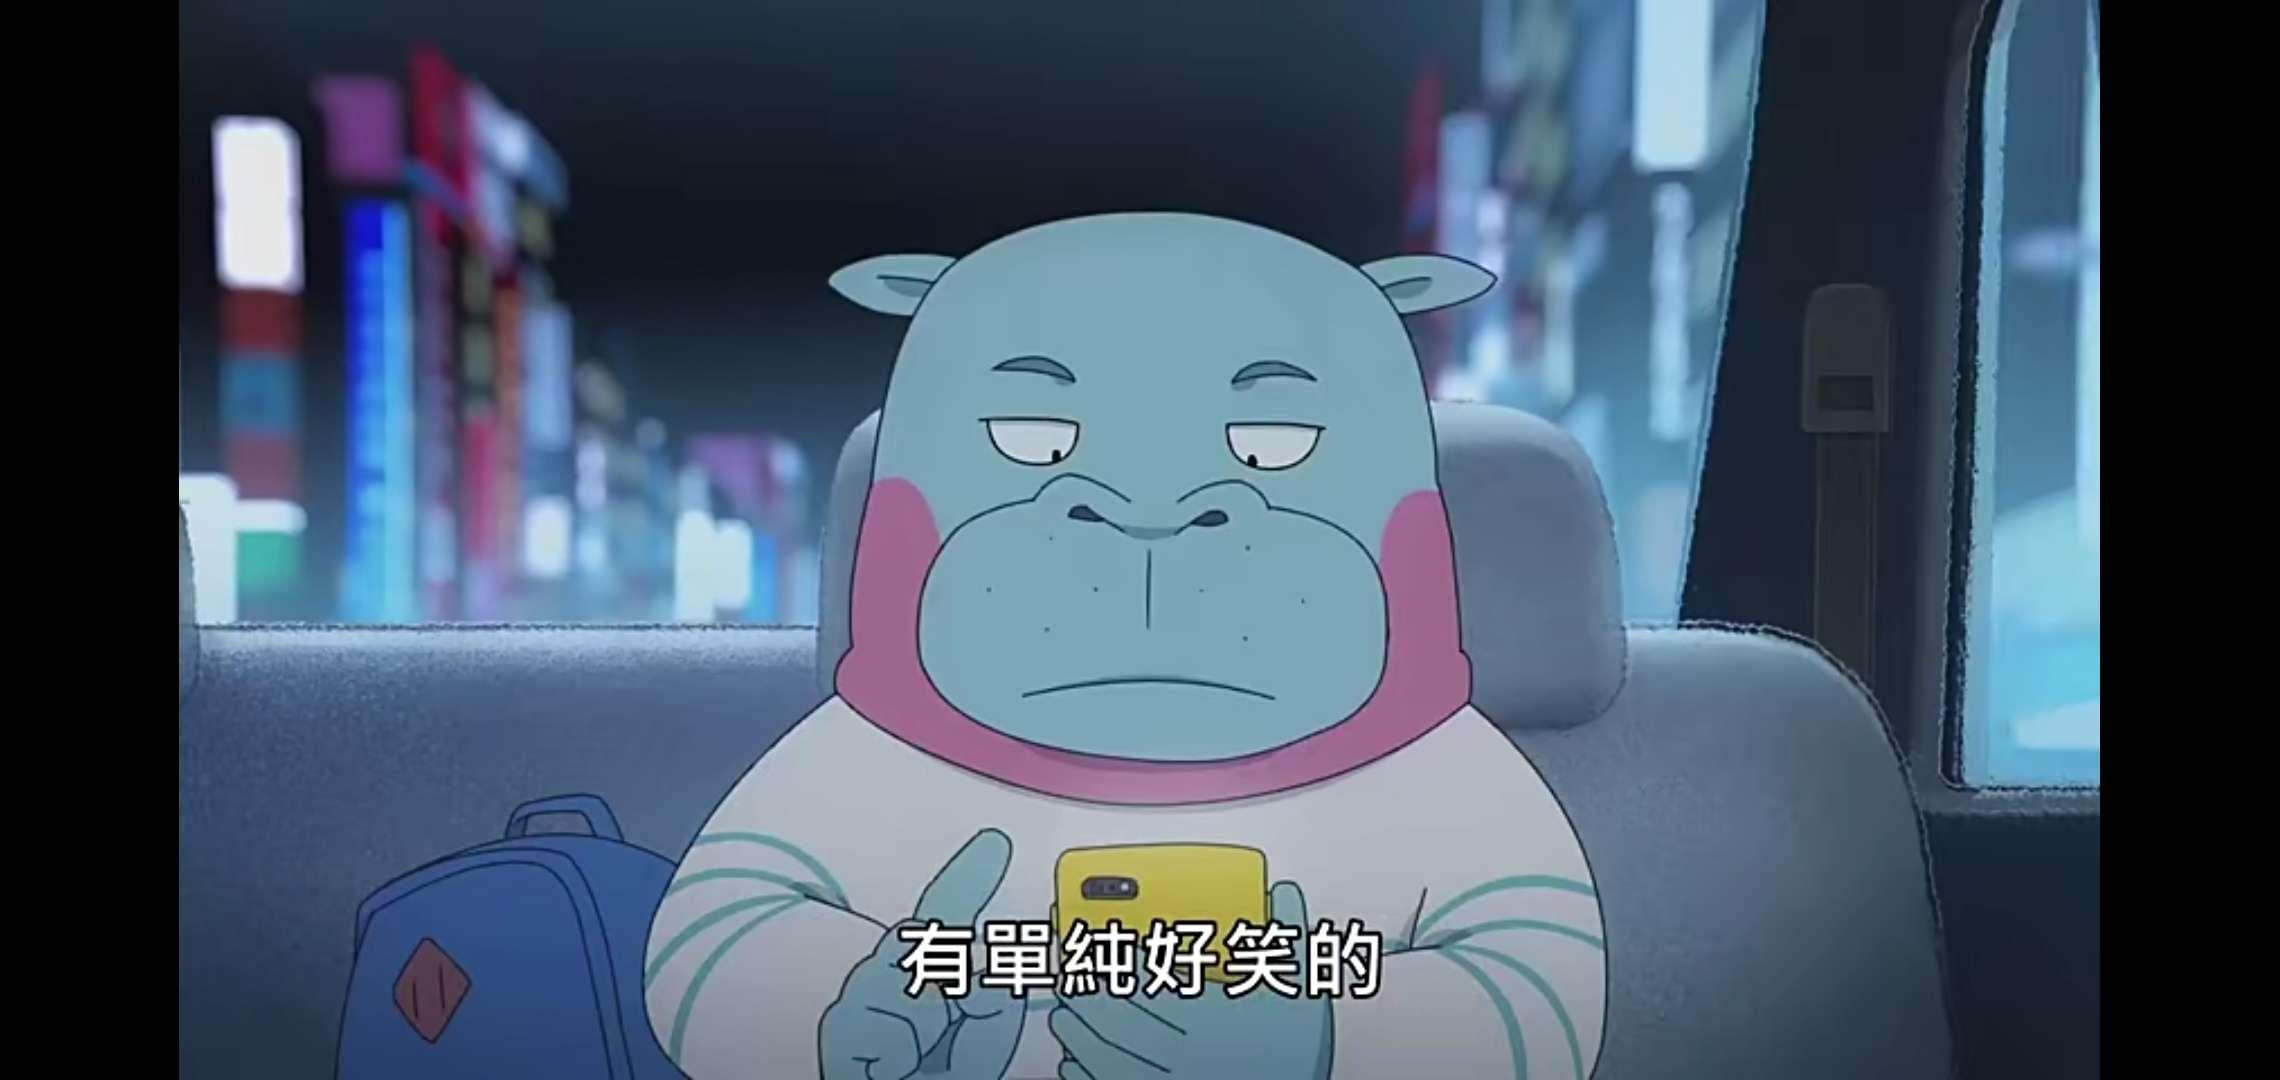 【动漫更新】奇巧计程车(4月6日)-小柚妹站